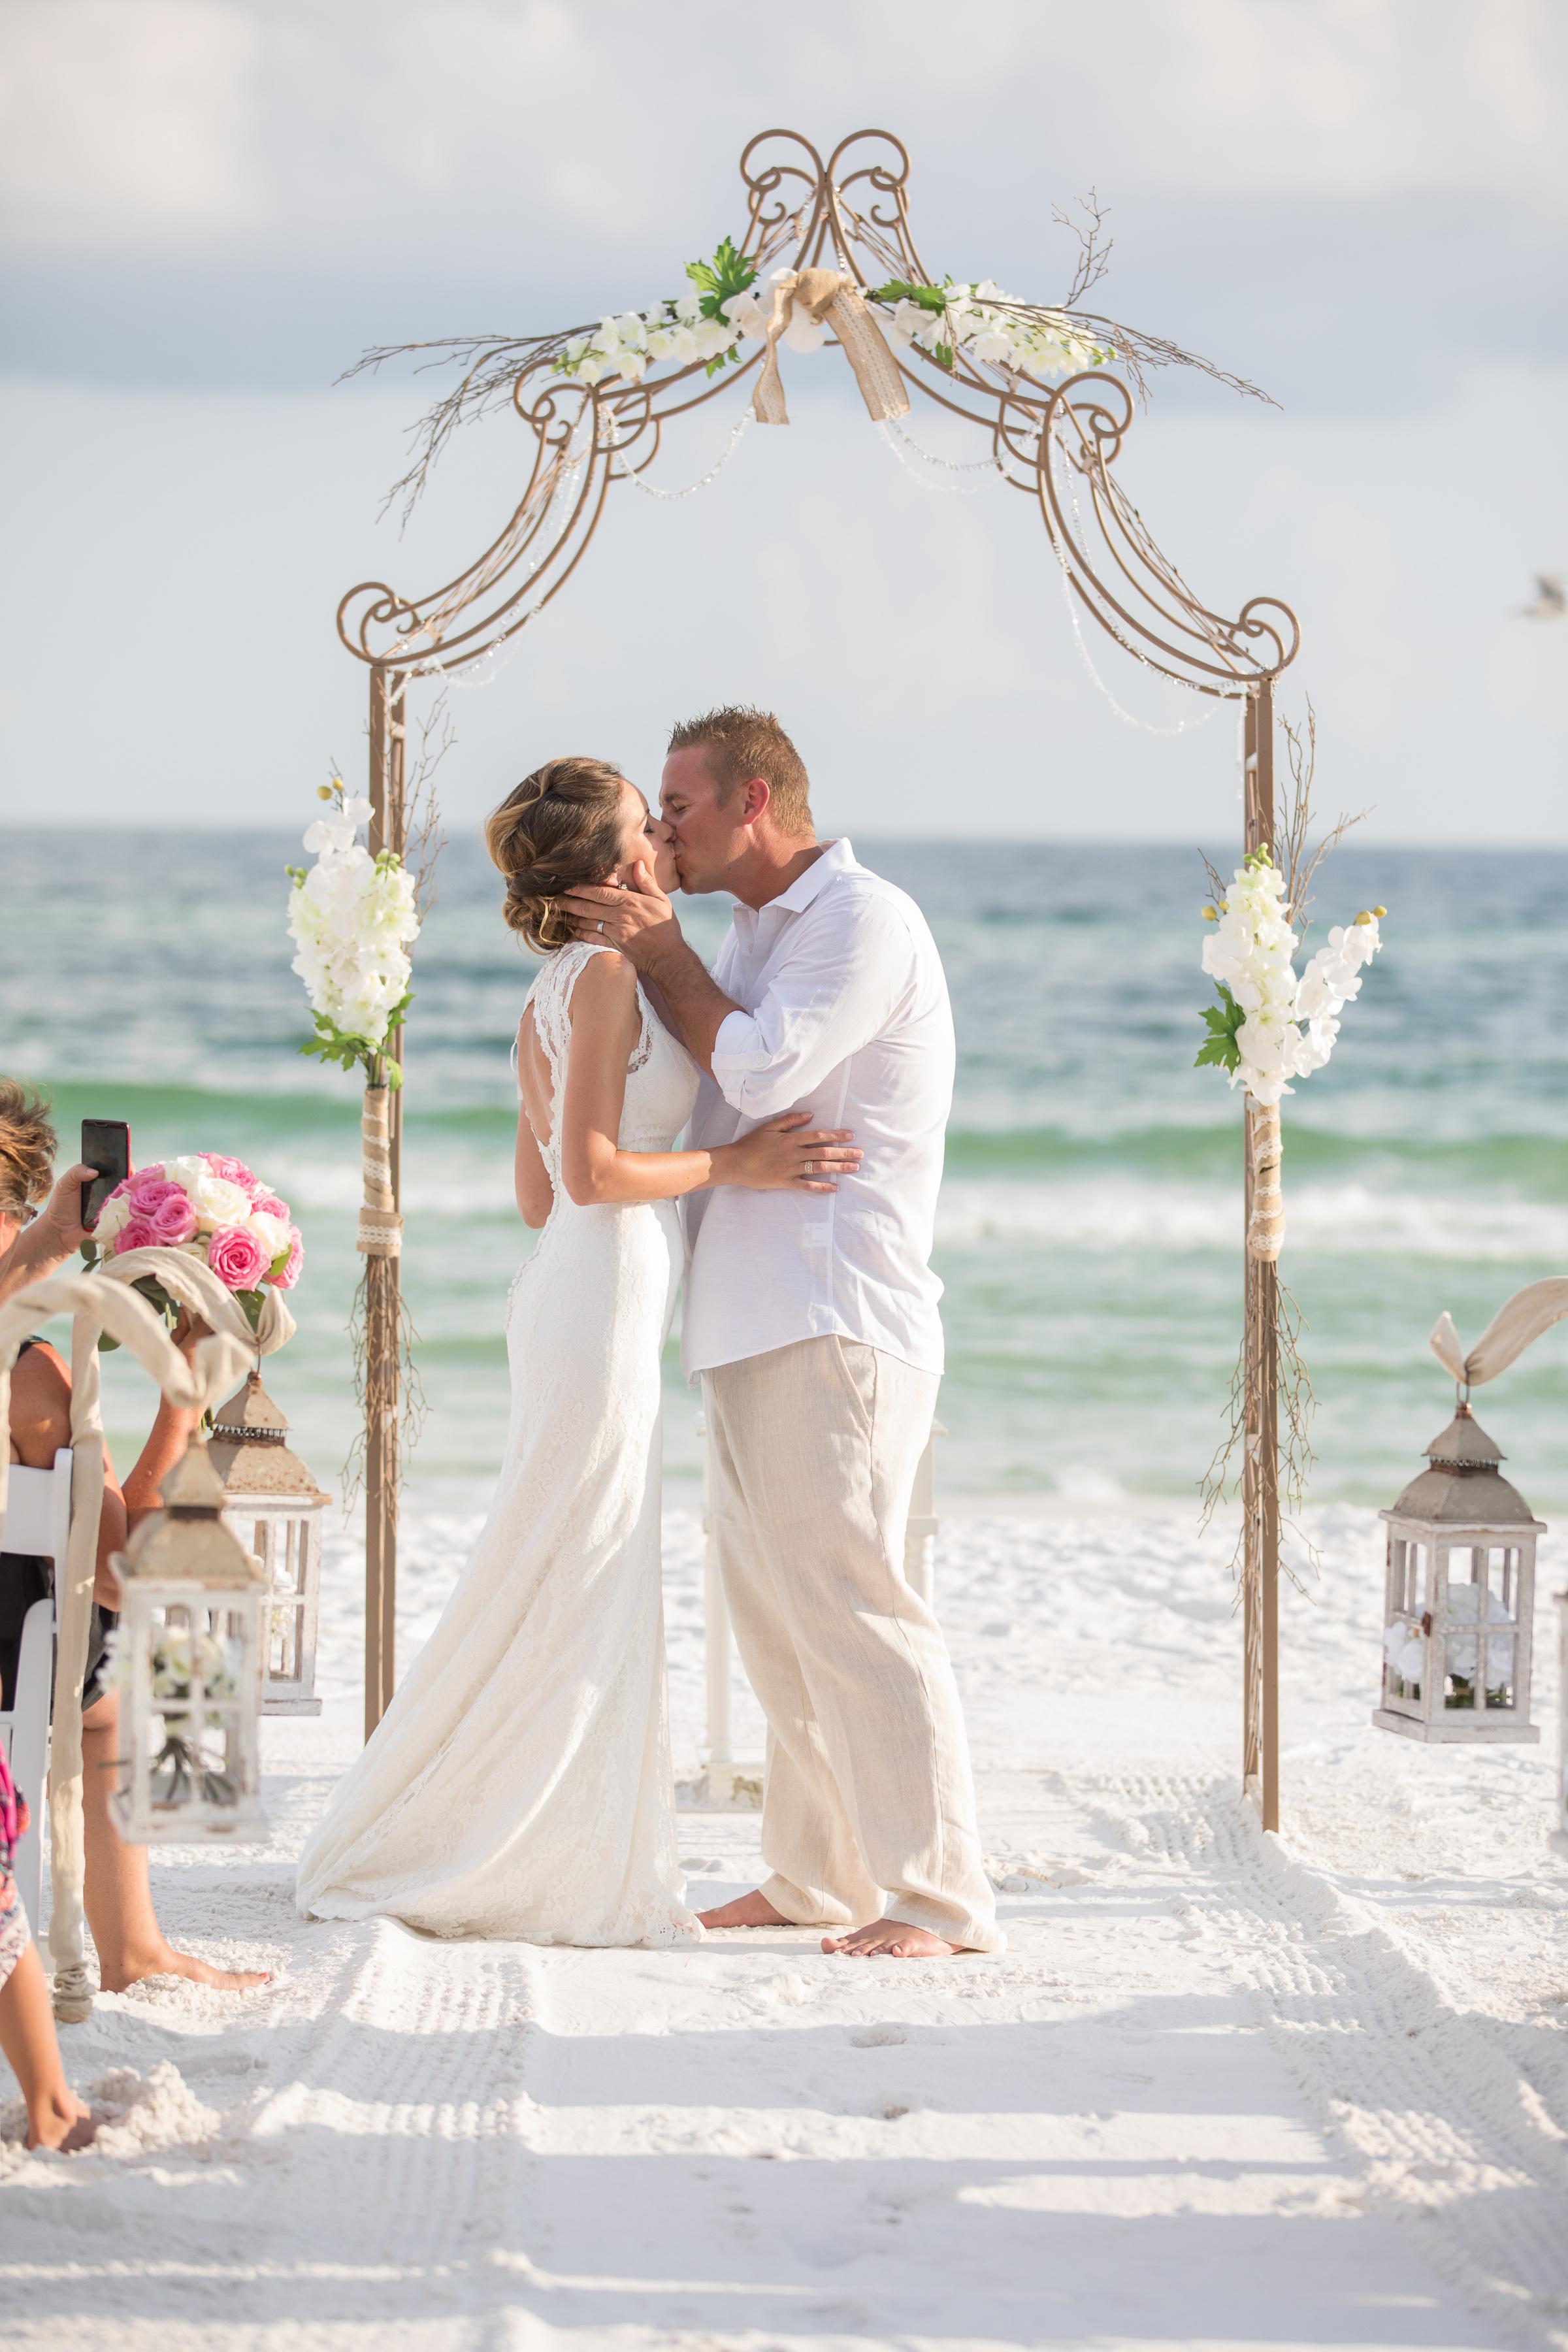 destin beach wedding package picture77_ (1).jpg